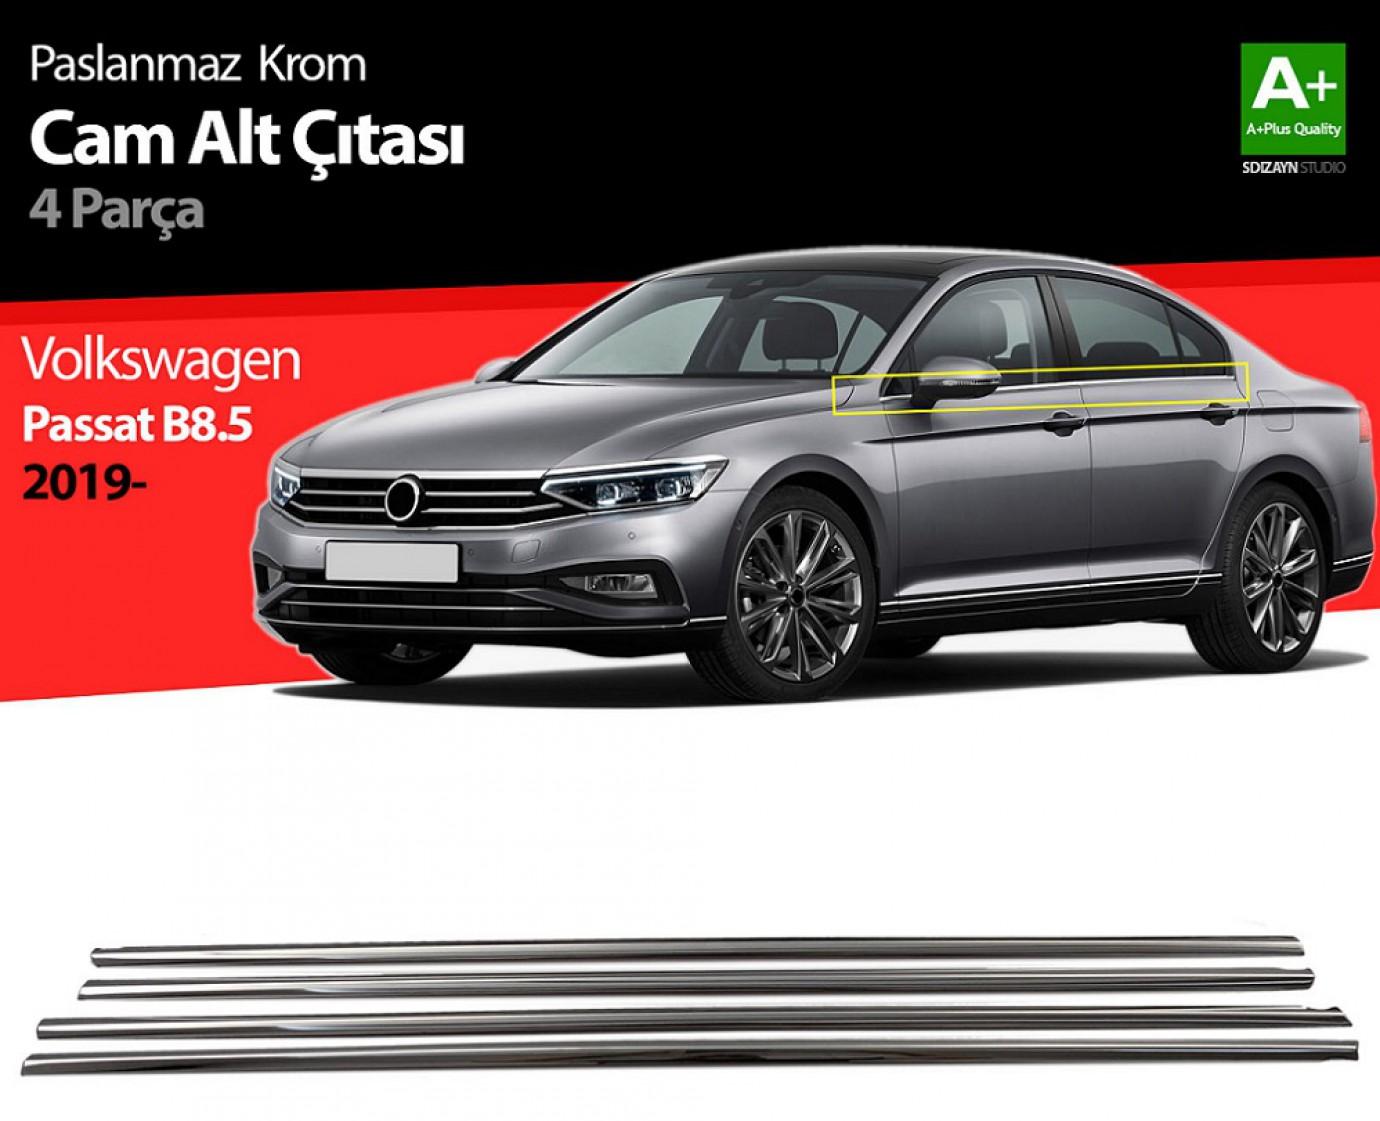 VW Passat B8.5 Krom Cam Çıtası 4 Parça 2019 ve Üzeri